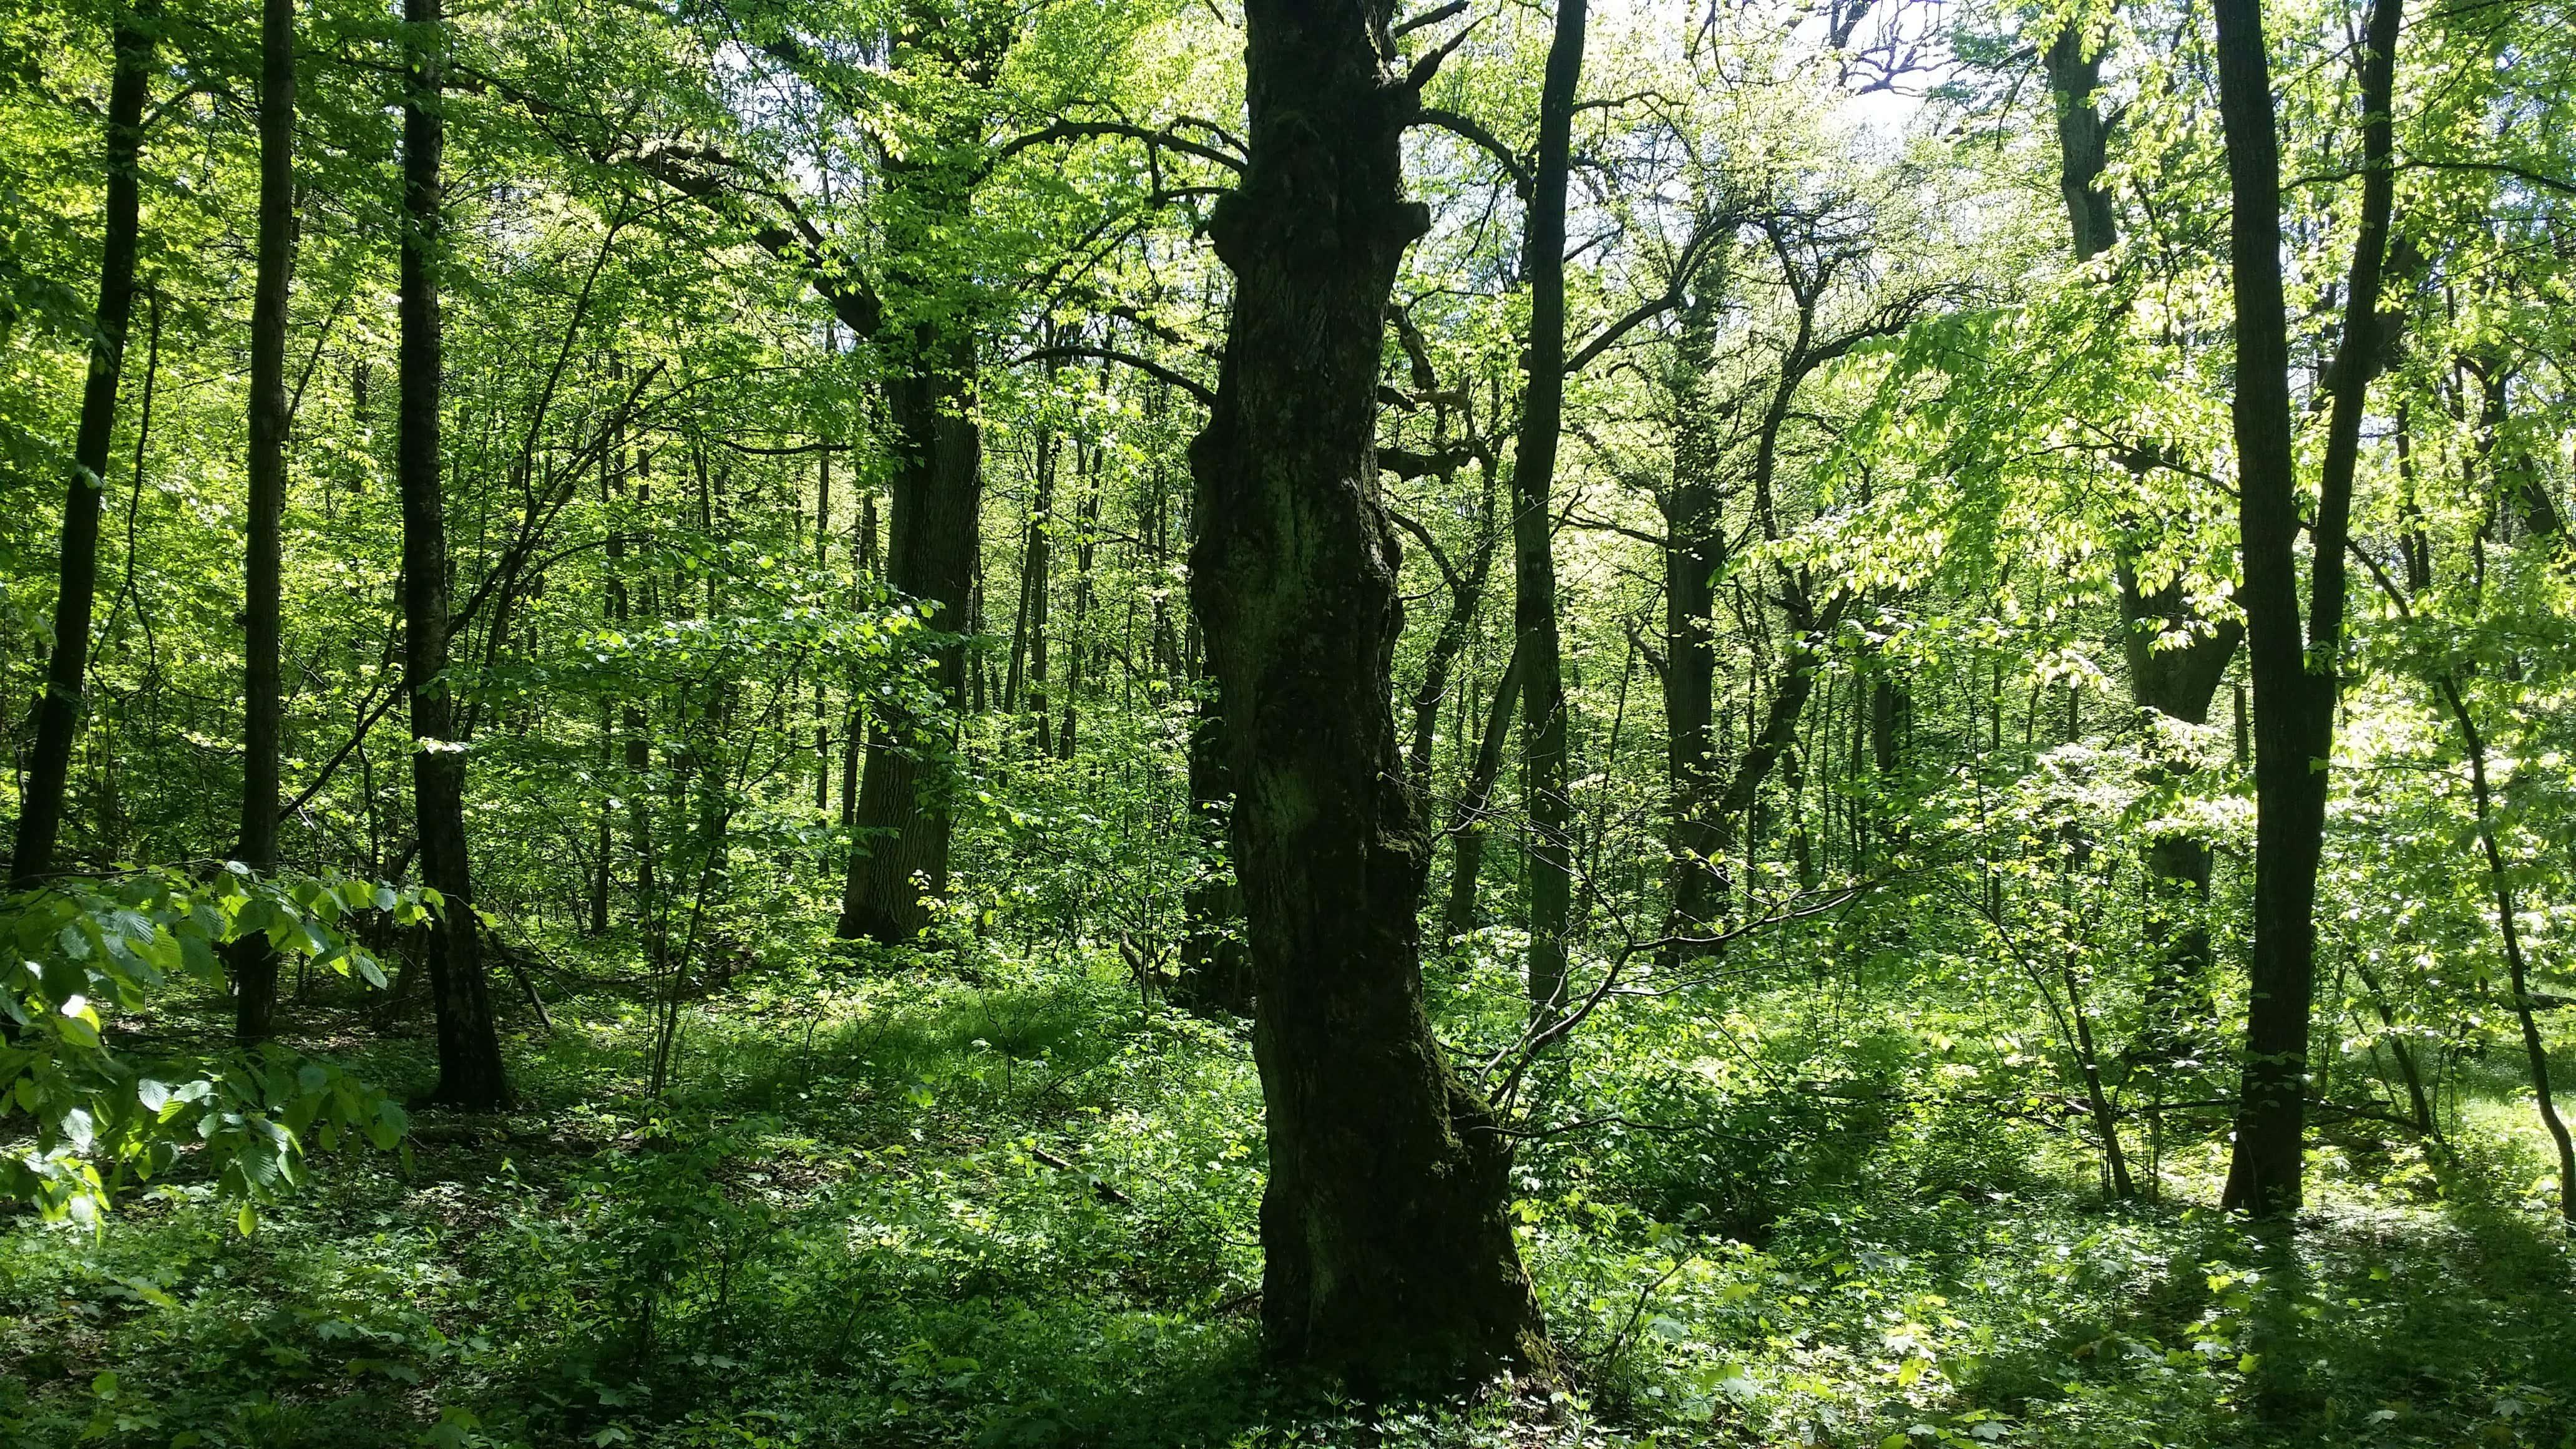 Co dalej z wycinką lubelskich lasów? Zareagował prezydent Żuk i aktywiści - Zdjęcie główne